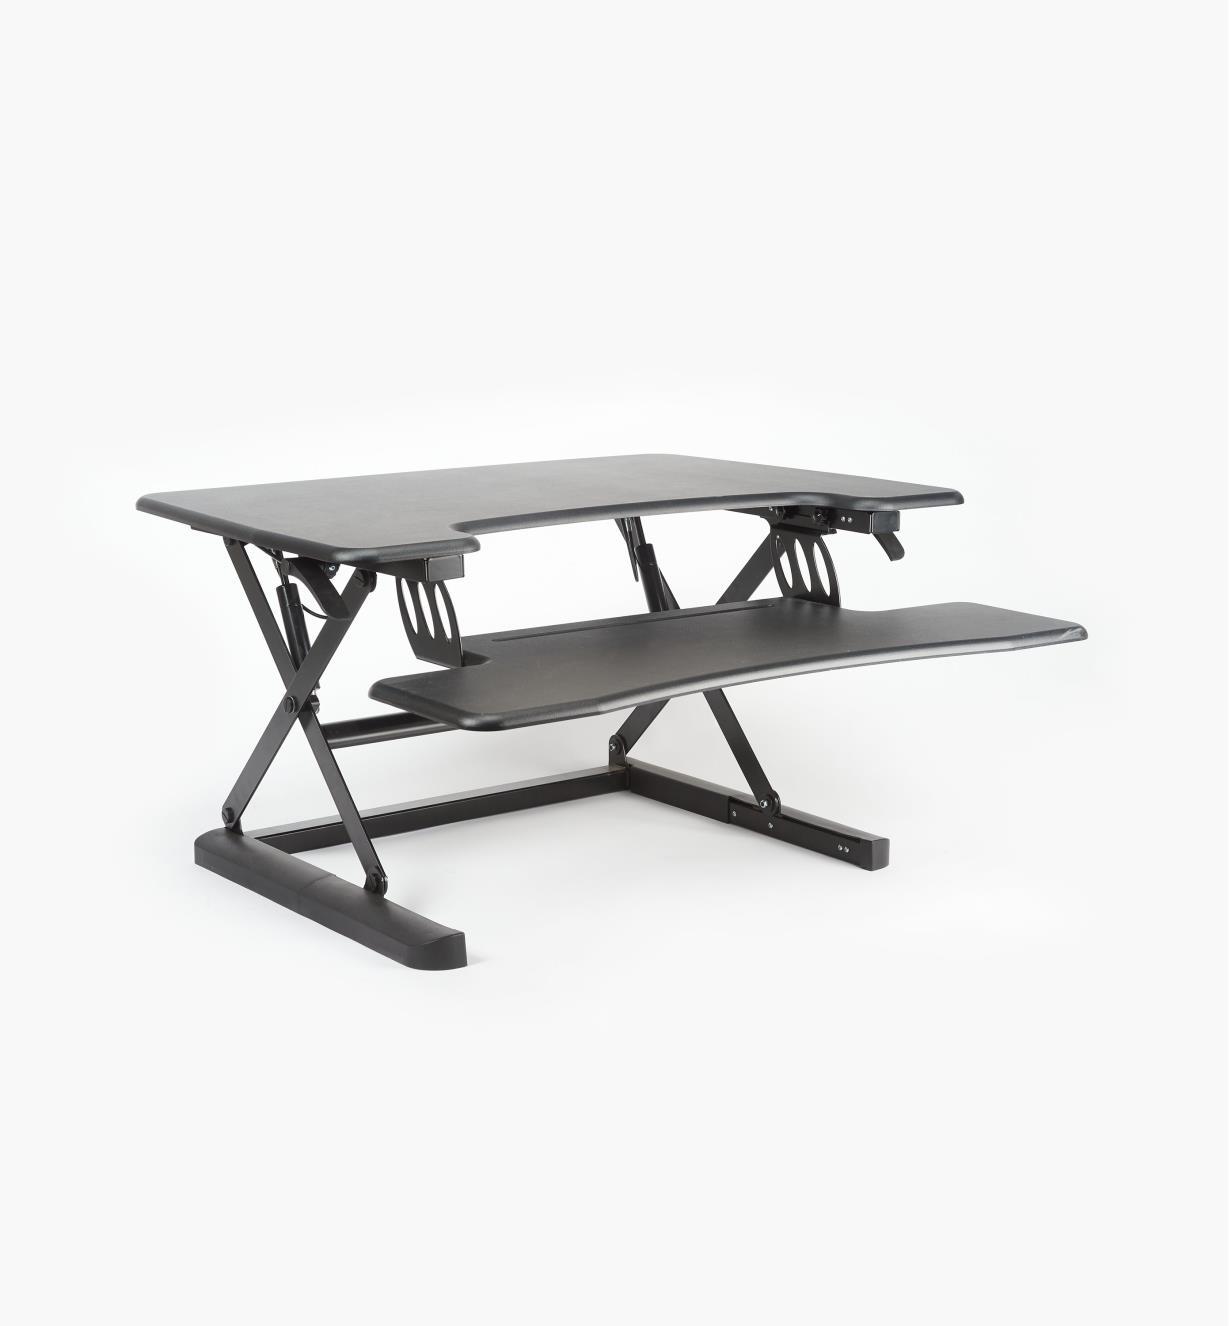 00S8043 - Countertop Desk Lift